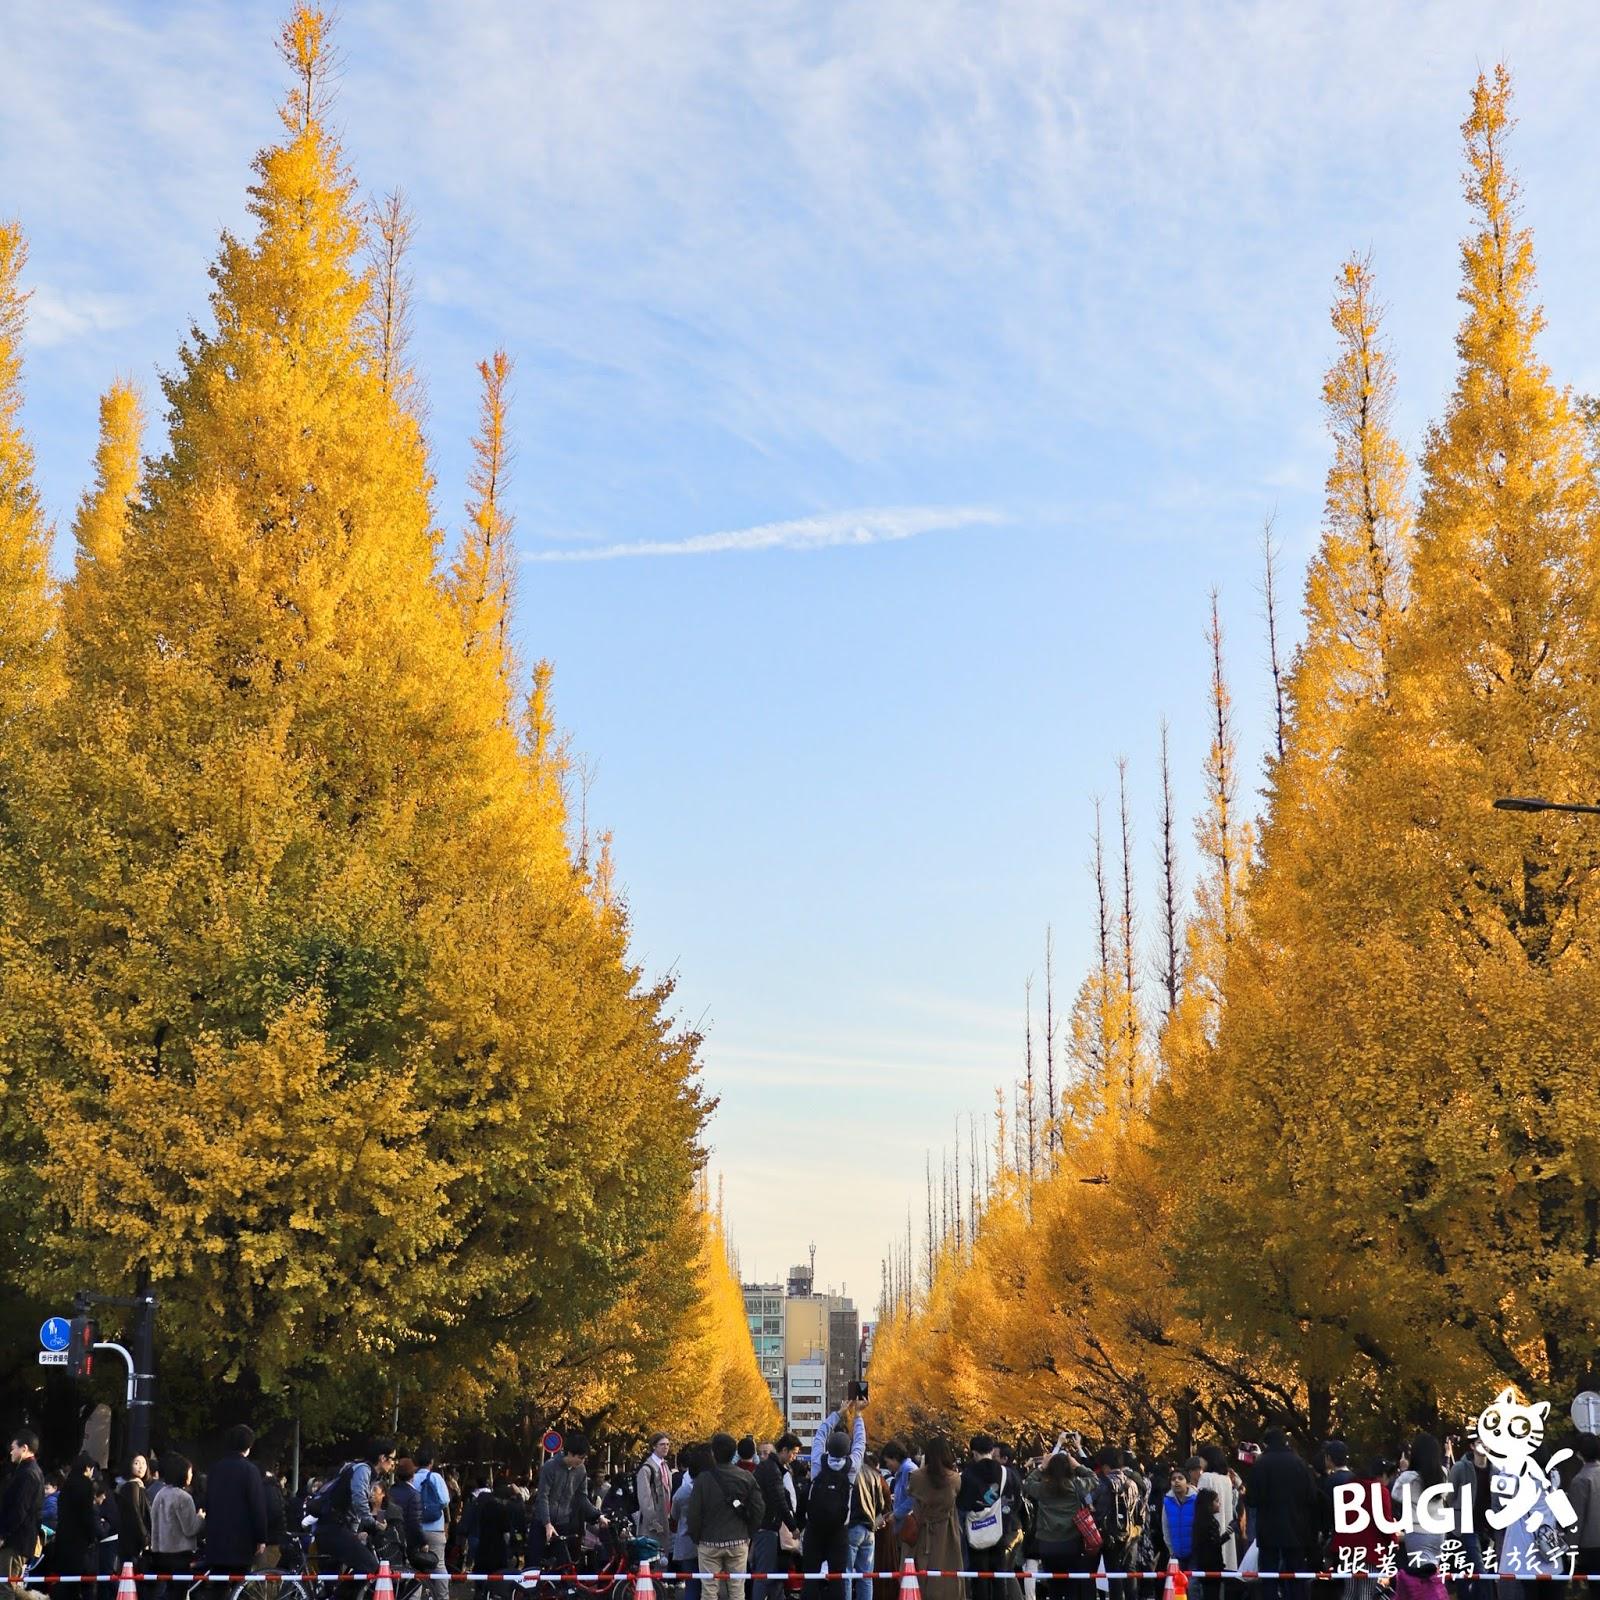 東京銀杏景點|神宮外苑銀杏祭,陽光下的一片金黃。 (含祭典&見頃時間,交通,美食,其他黃葉景點 ...